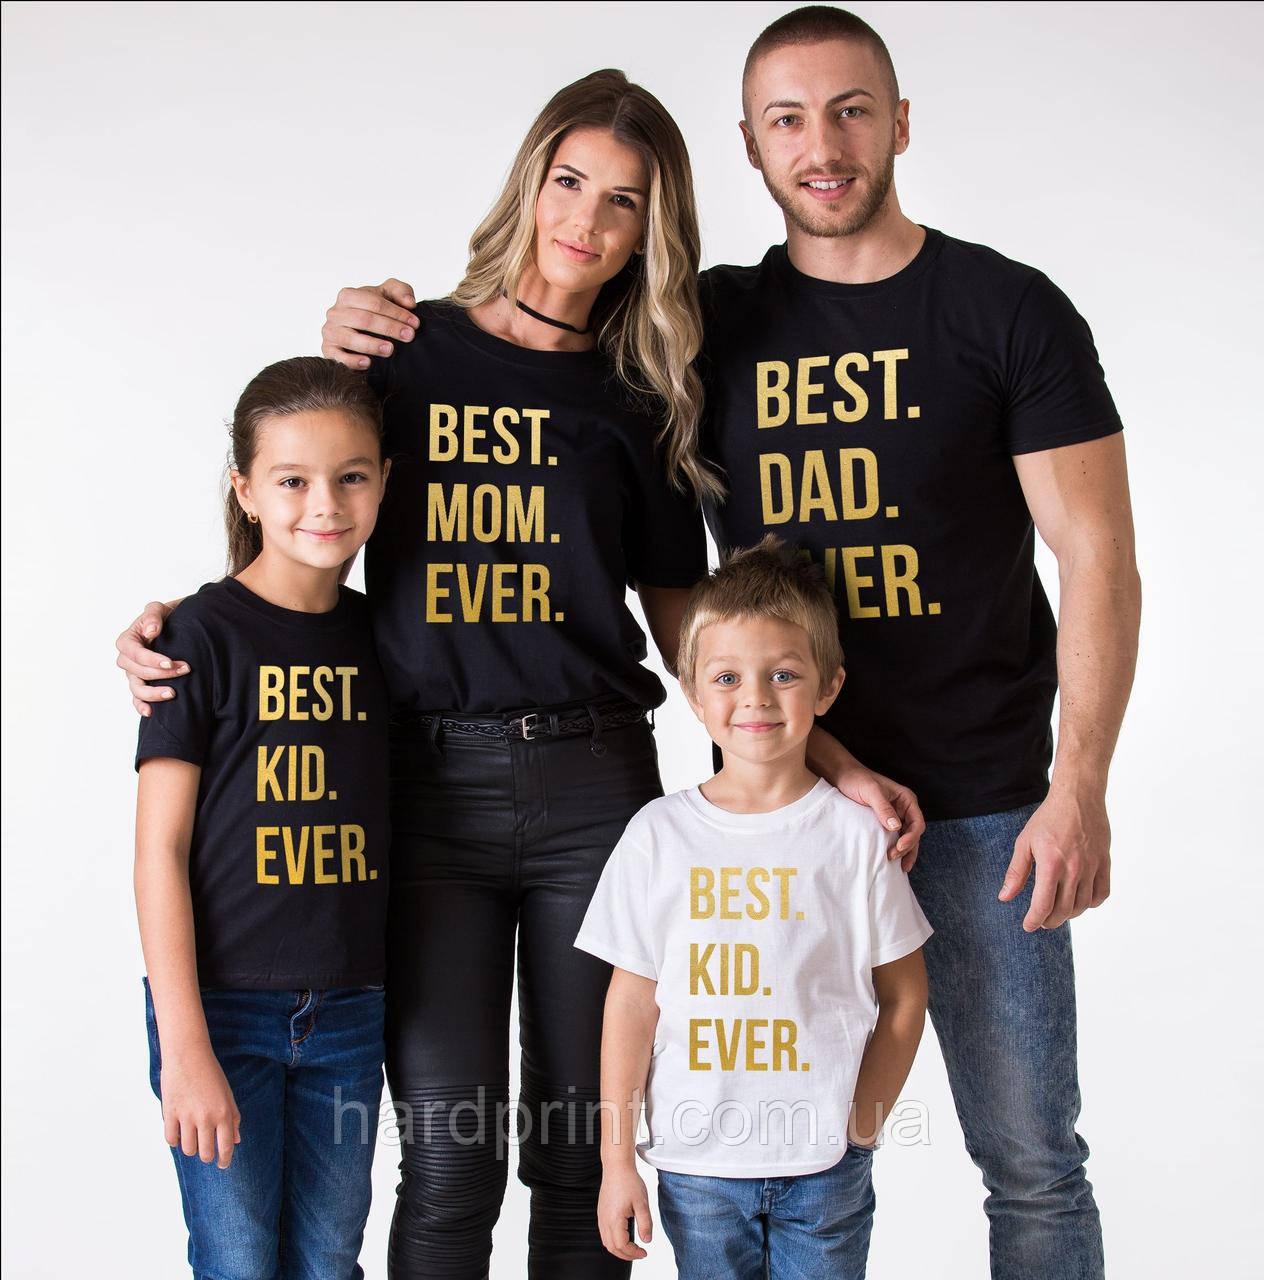 Комплект Семейных Футболок - Мама, Папа, Сын, Дочь — в Категории ... | 1280x1264